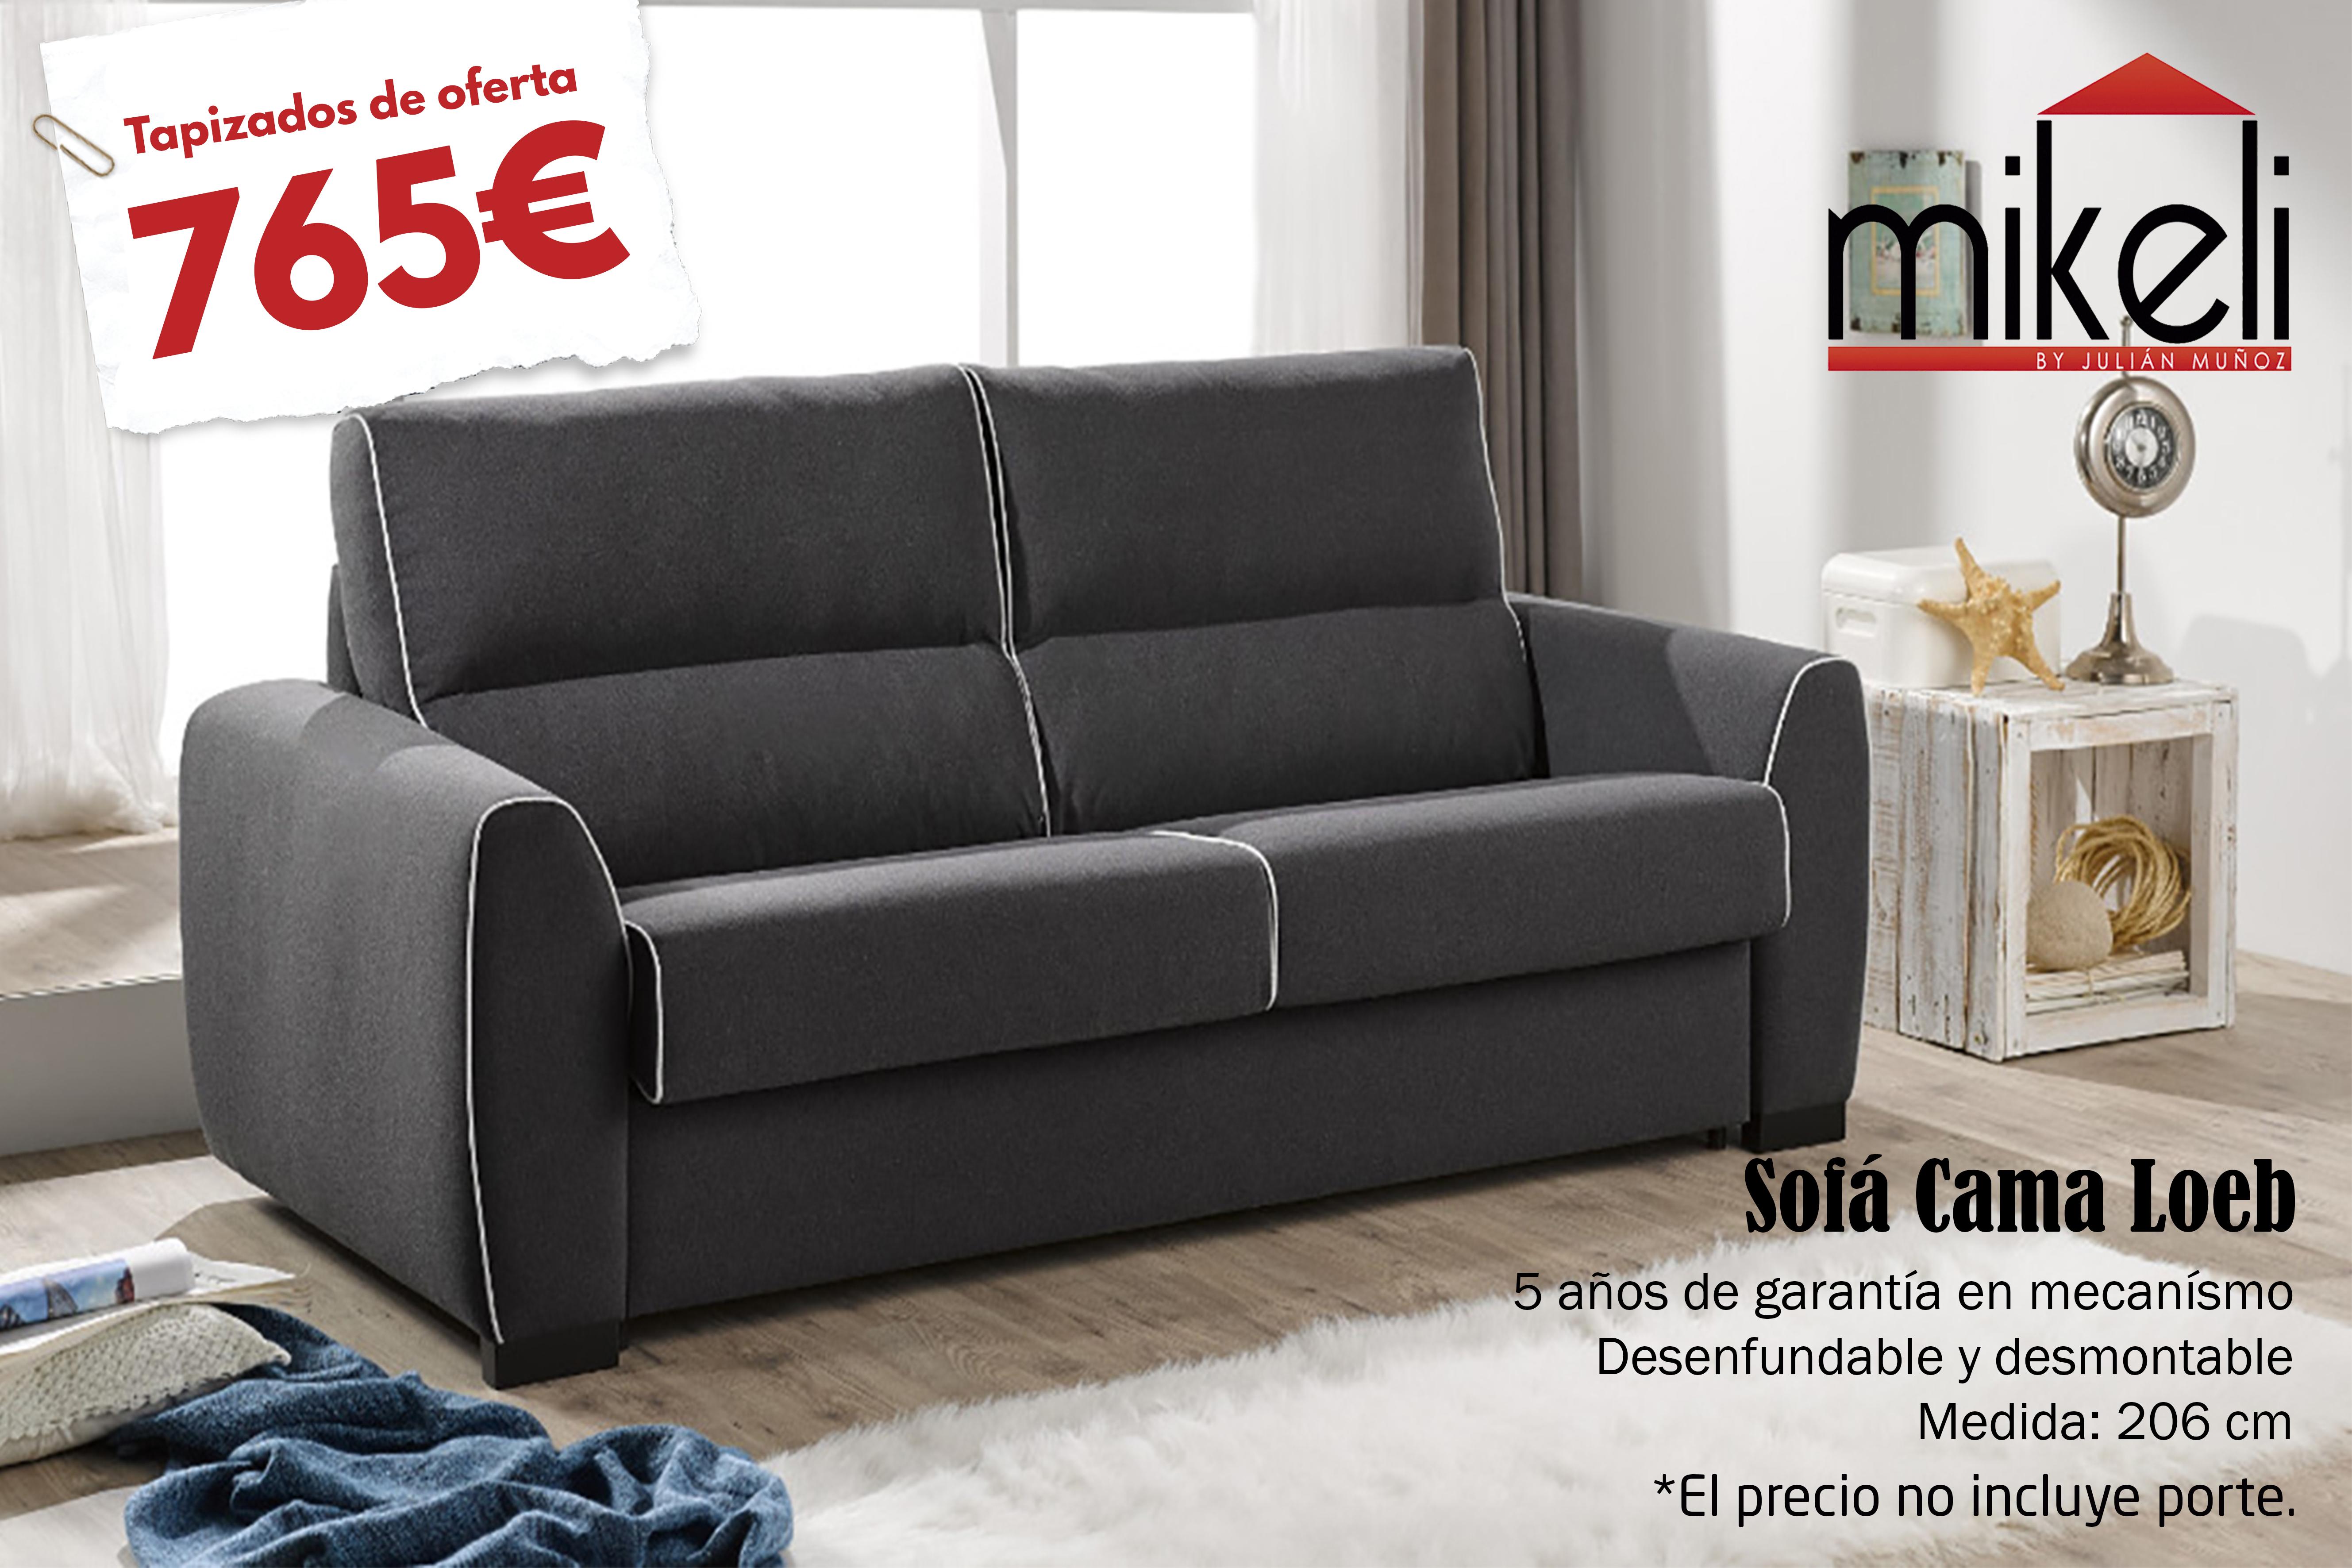 Sofa Loeb Mikeli Tu Tienda De Muebles A Precios Incre Bles En Ceuta # Muebles A Medida Ceuta